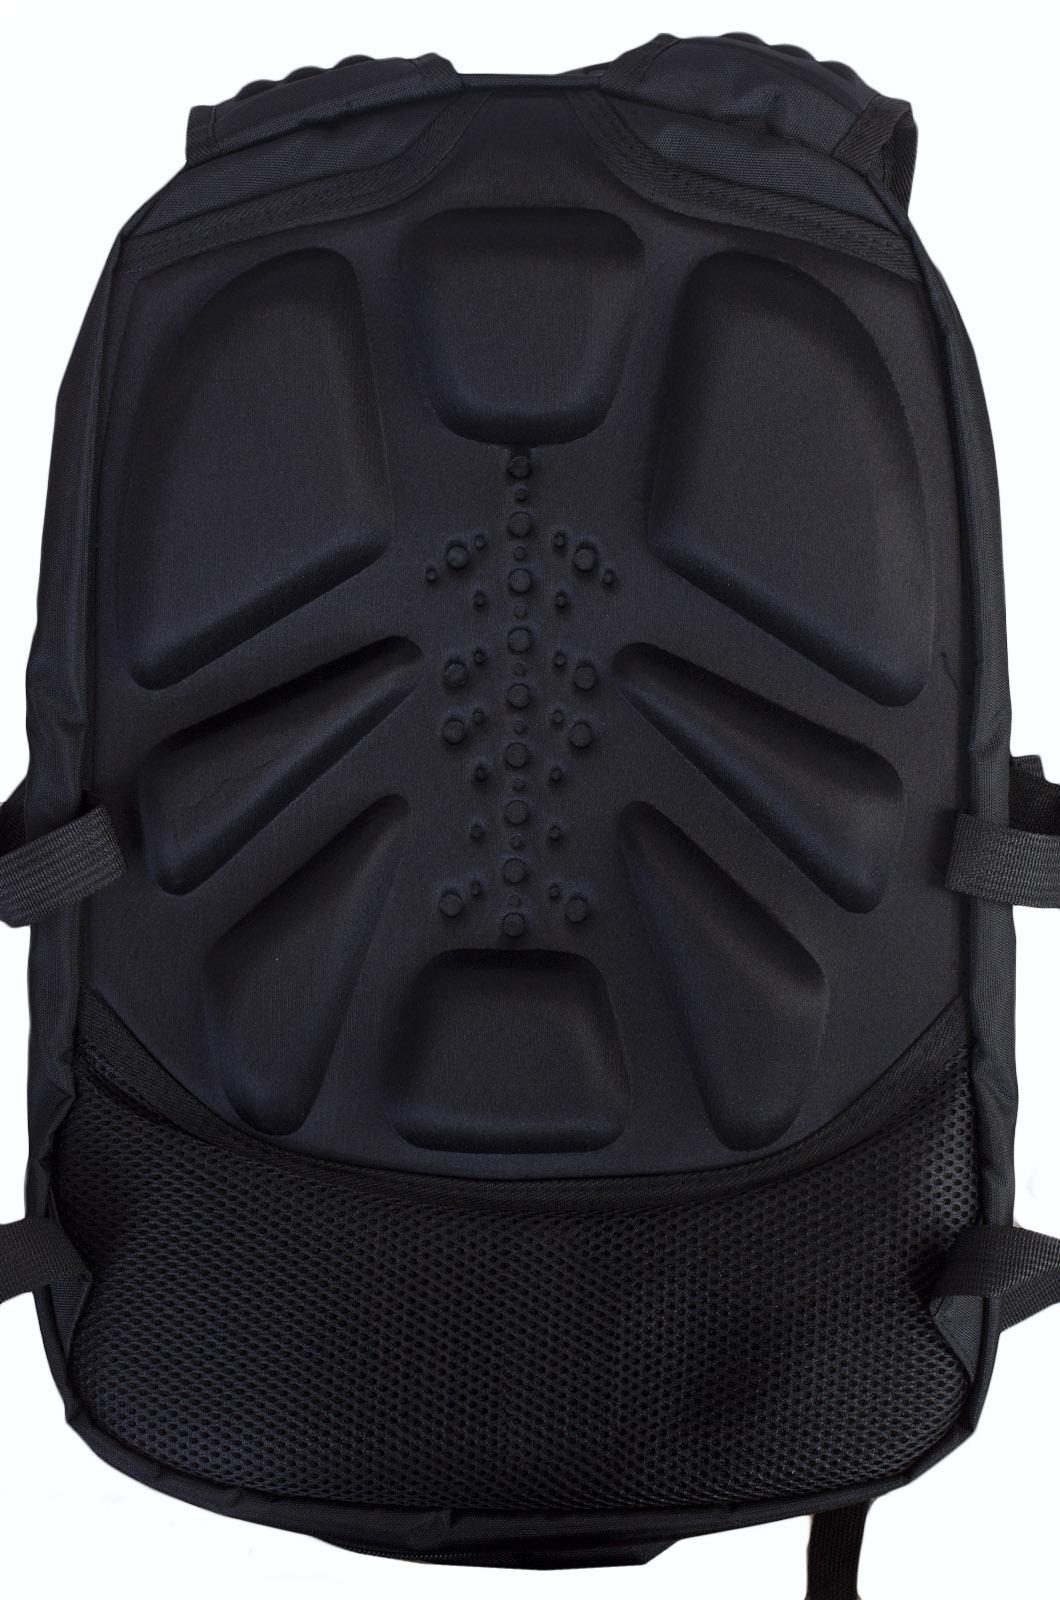 Молодежный черный рюкзак с эмблемой МЧС купить в подарок